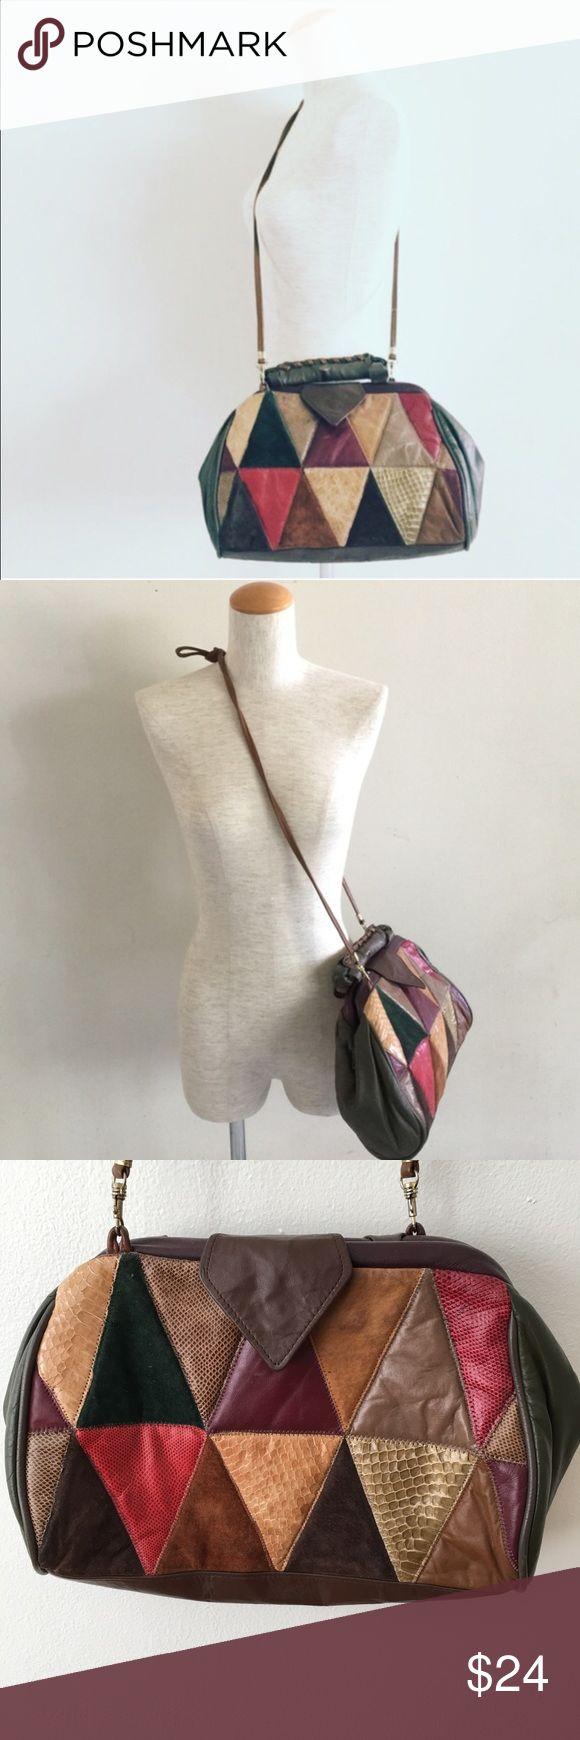 Vintage Handbag Not by AP American Apparel Bags